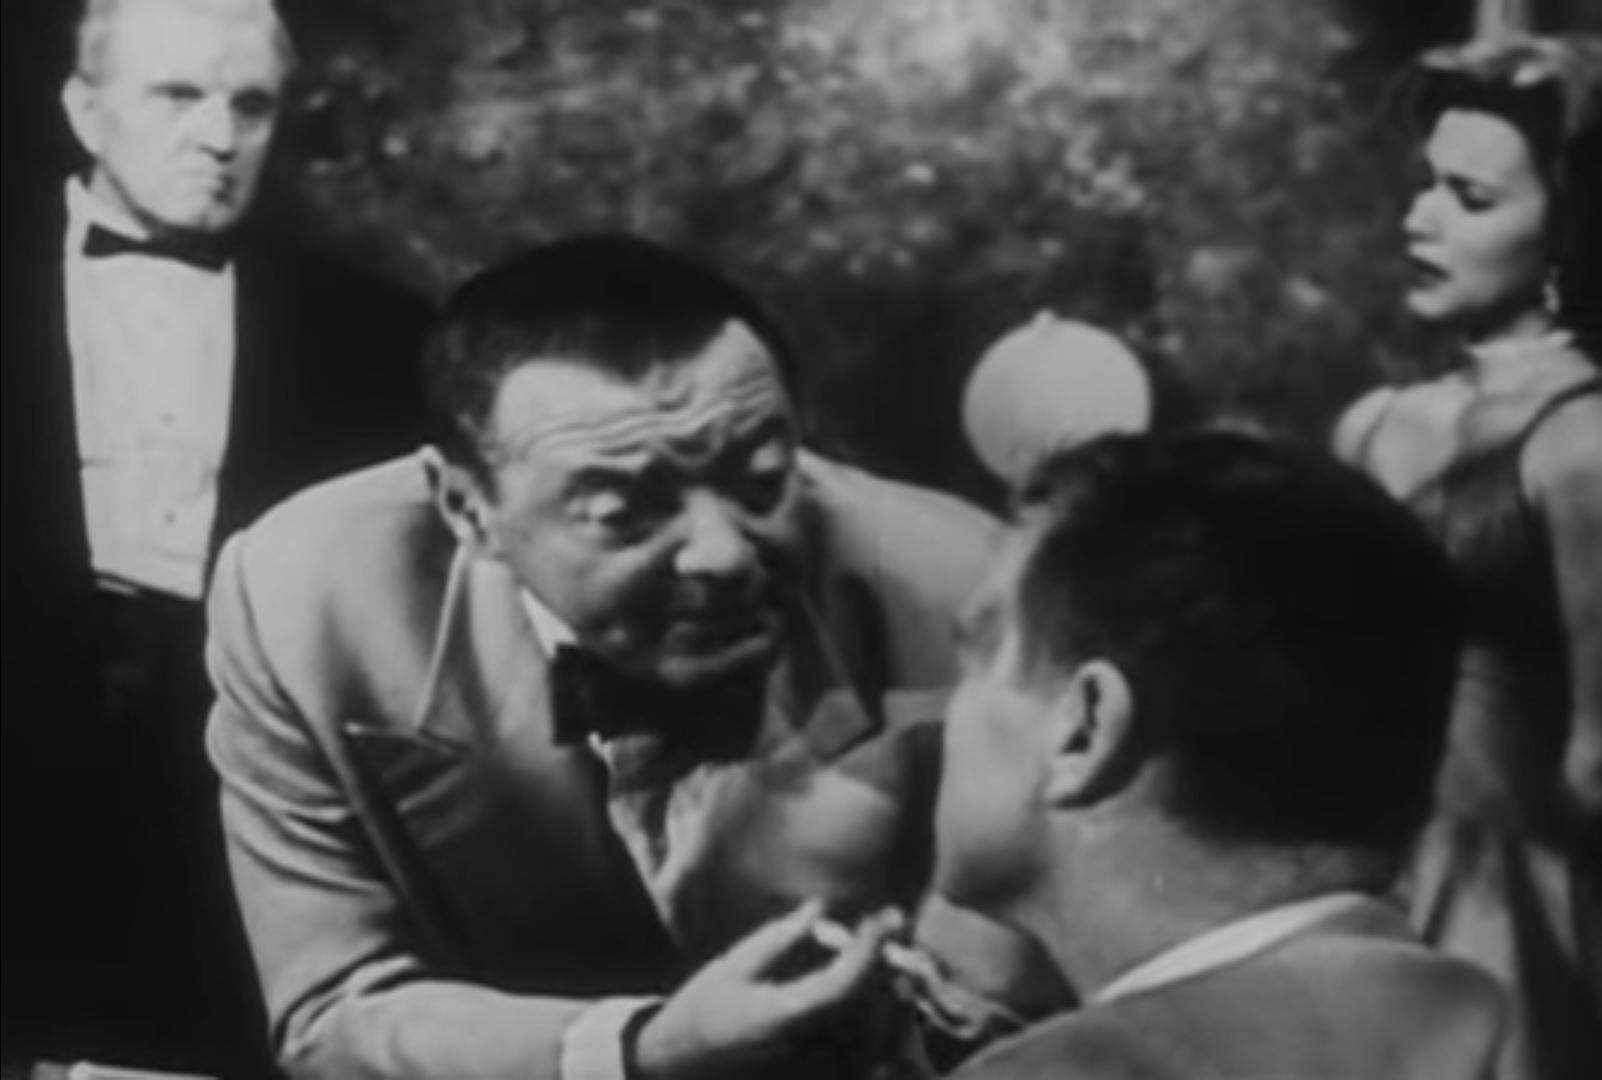 Ле Шиффр, Валери Матис и Джеймс Бонд (Казино Рояль 1954).jpg